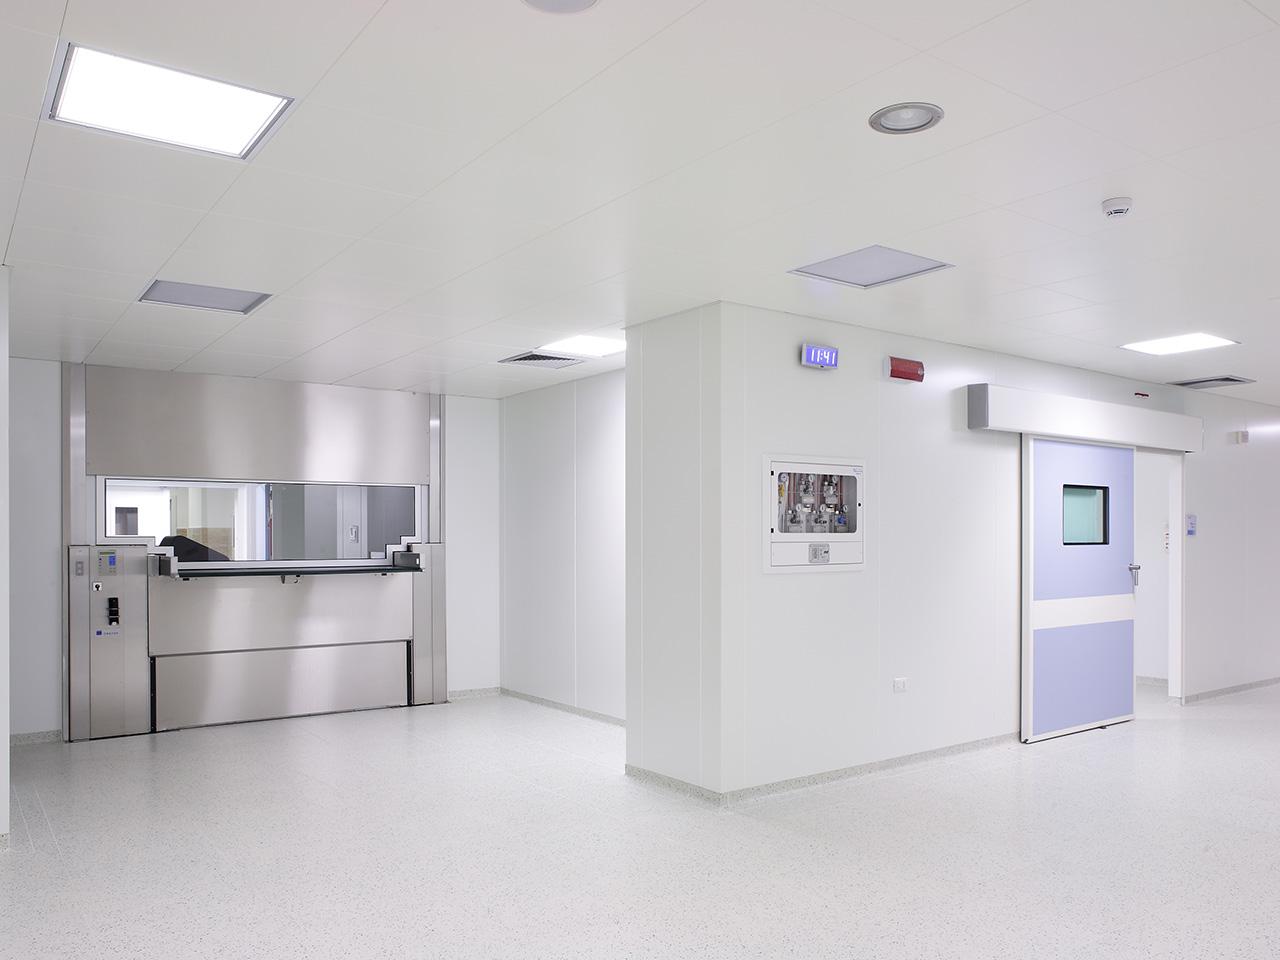 Realizzazione aree ospedaliere - Ospedale Conegliano 06